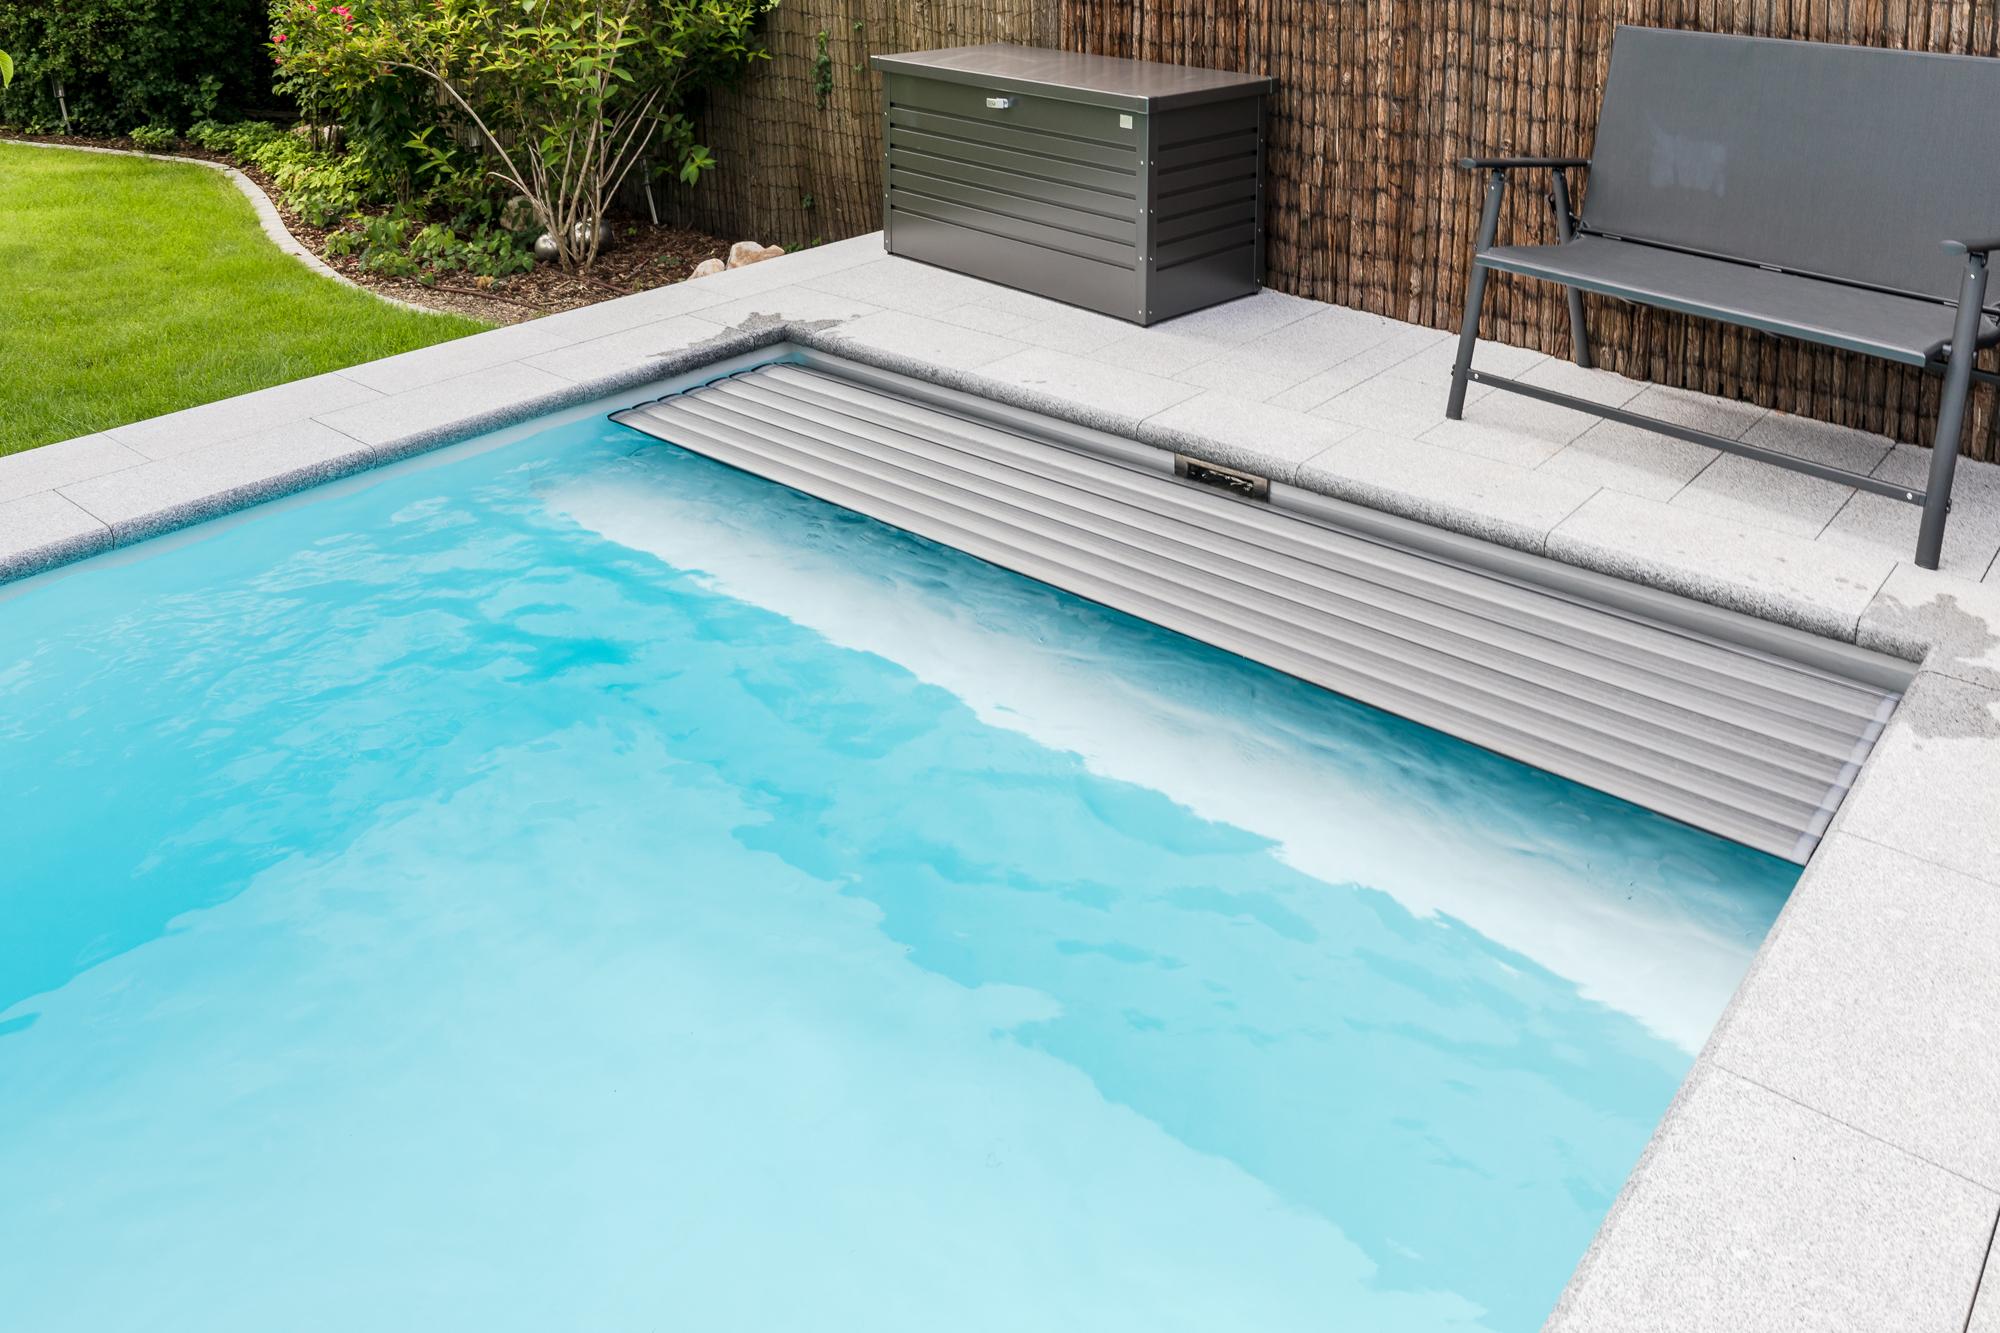 Veltmann Fertigschwimmbecken mit einer Rolladensitzbank sowie Solarabdeckung